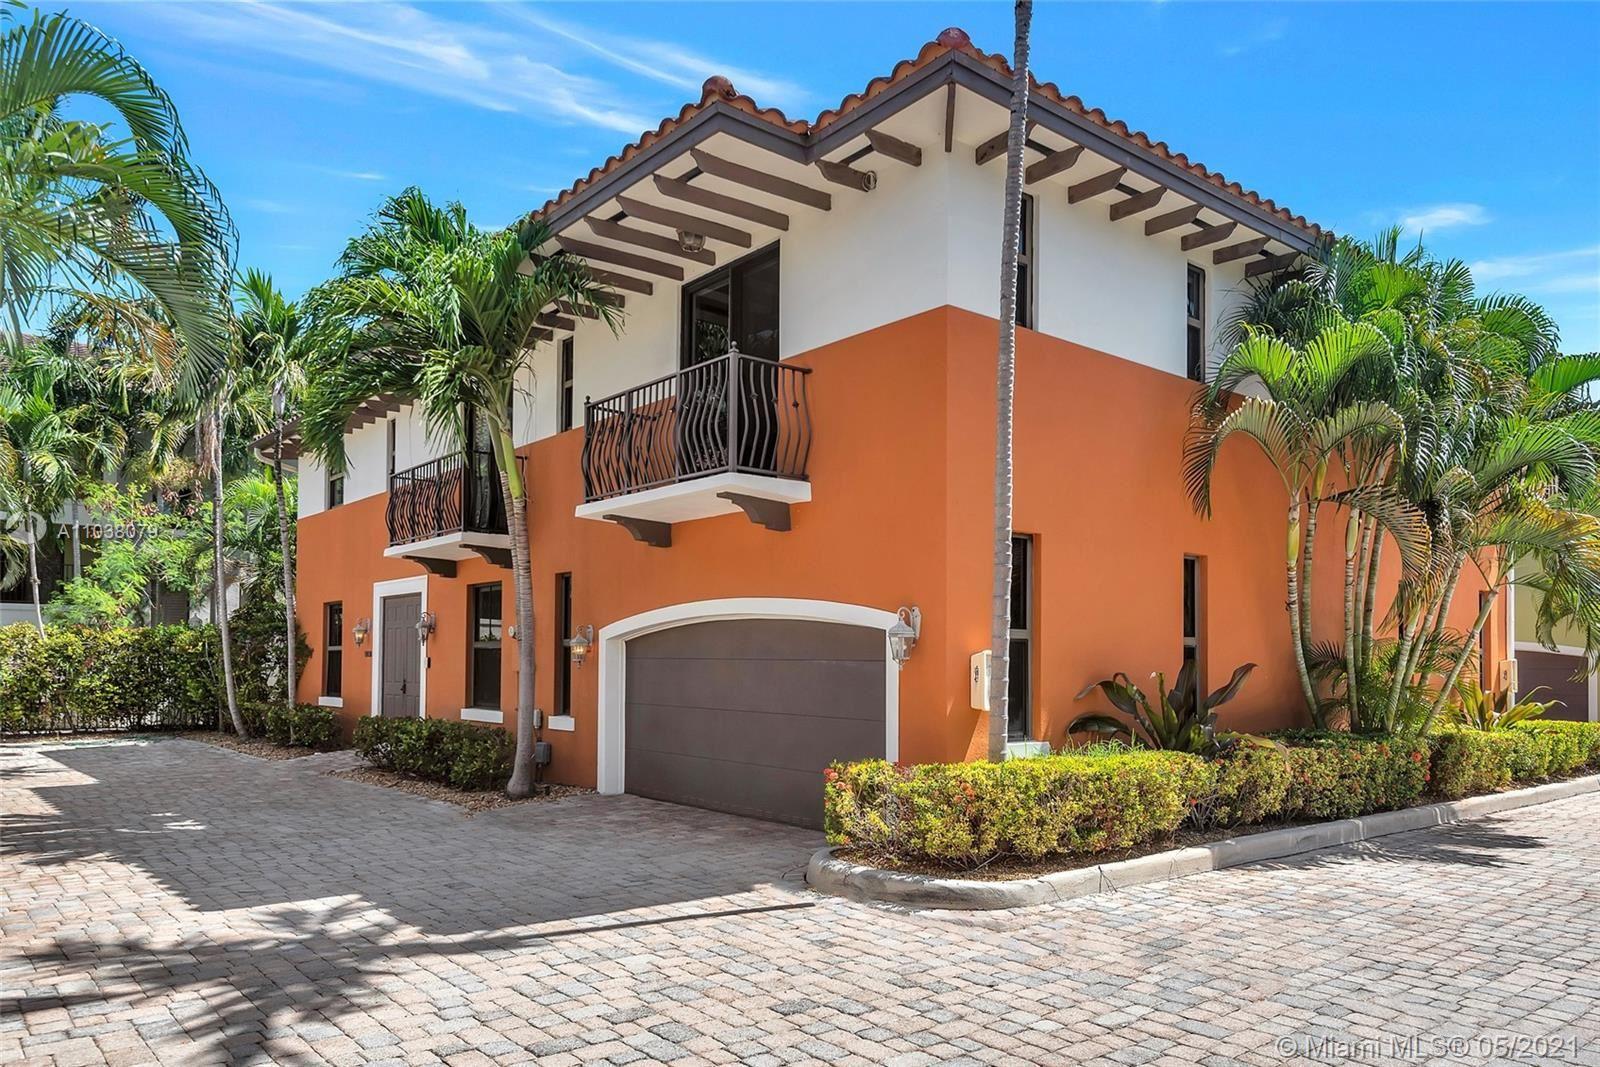 3014 Mcdonald St #20, Miami, FL 33133 - #: A11038079